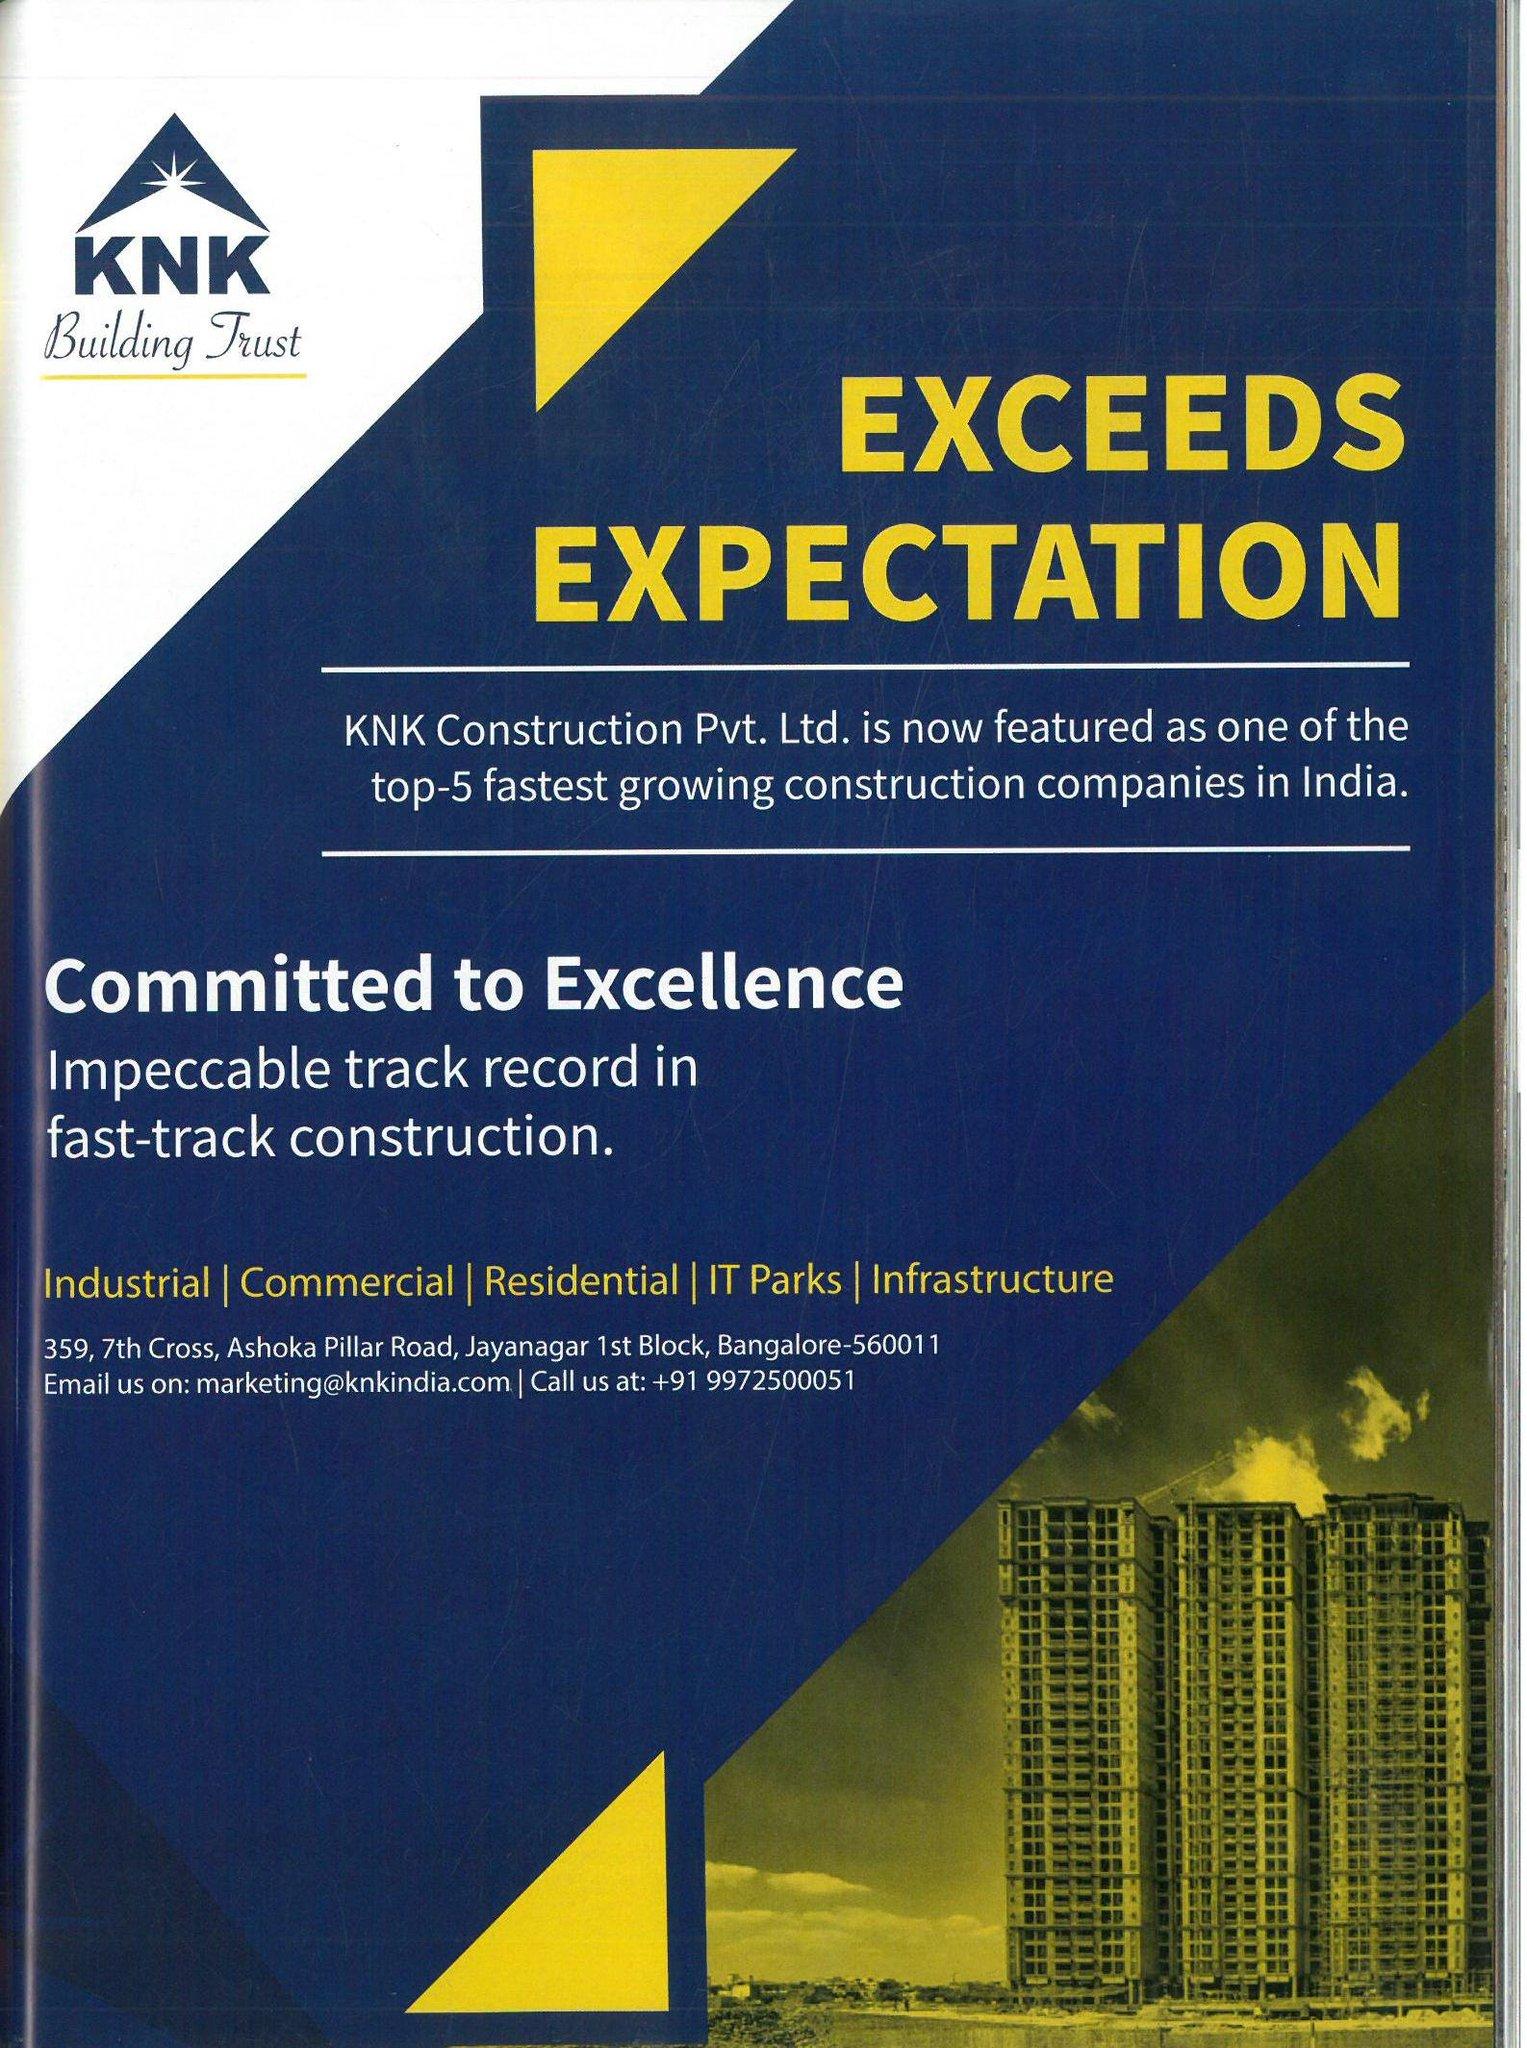 KNK Construction on Twitter: